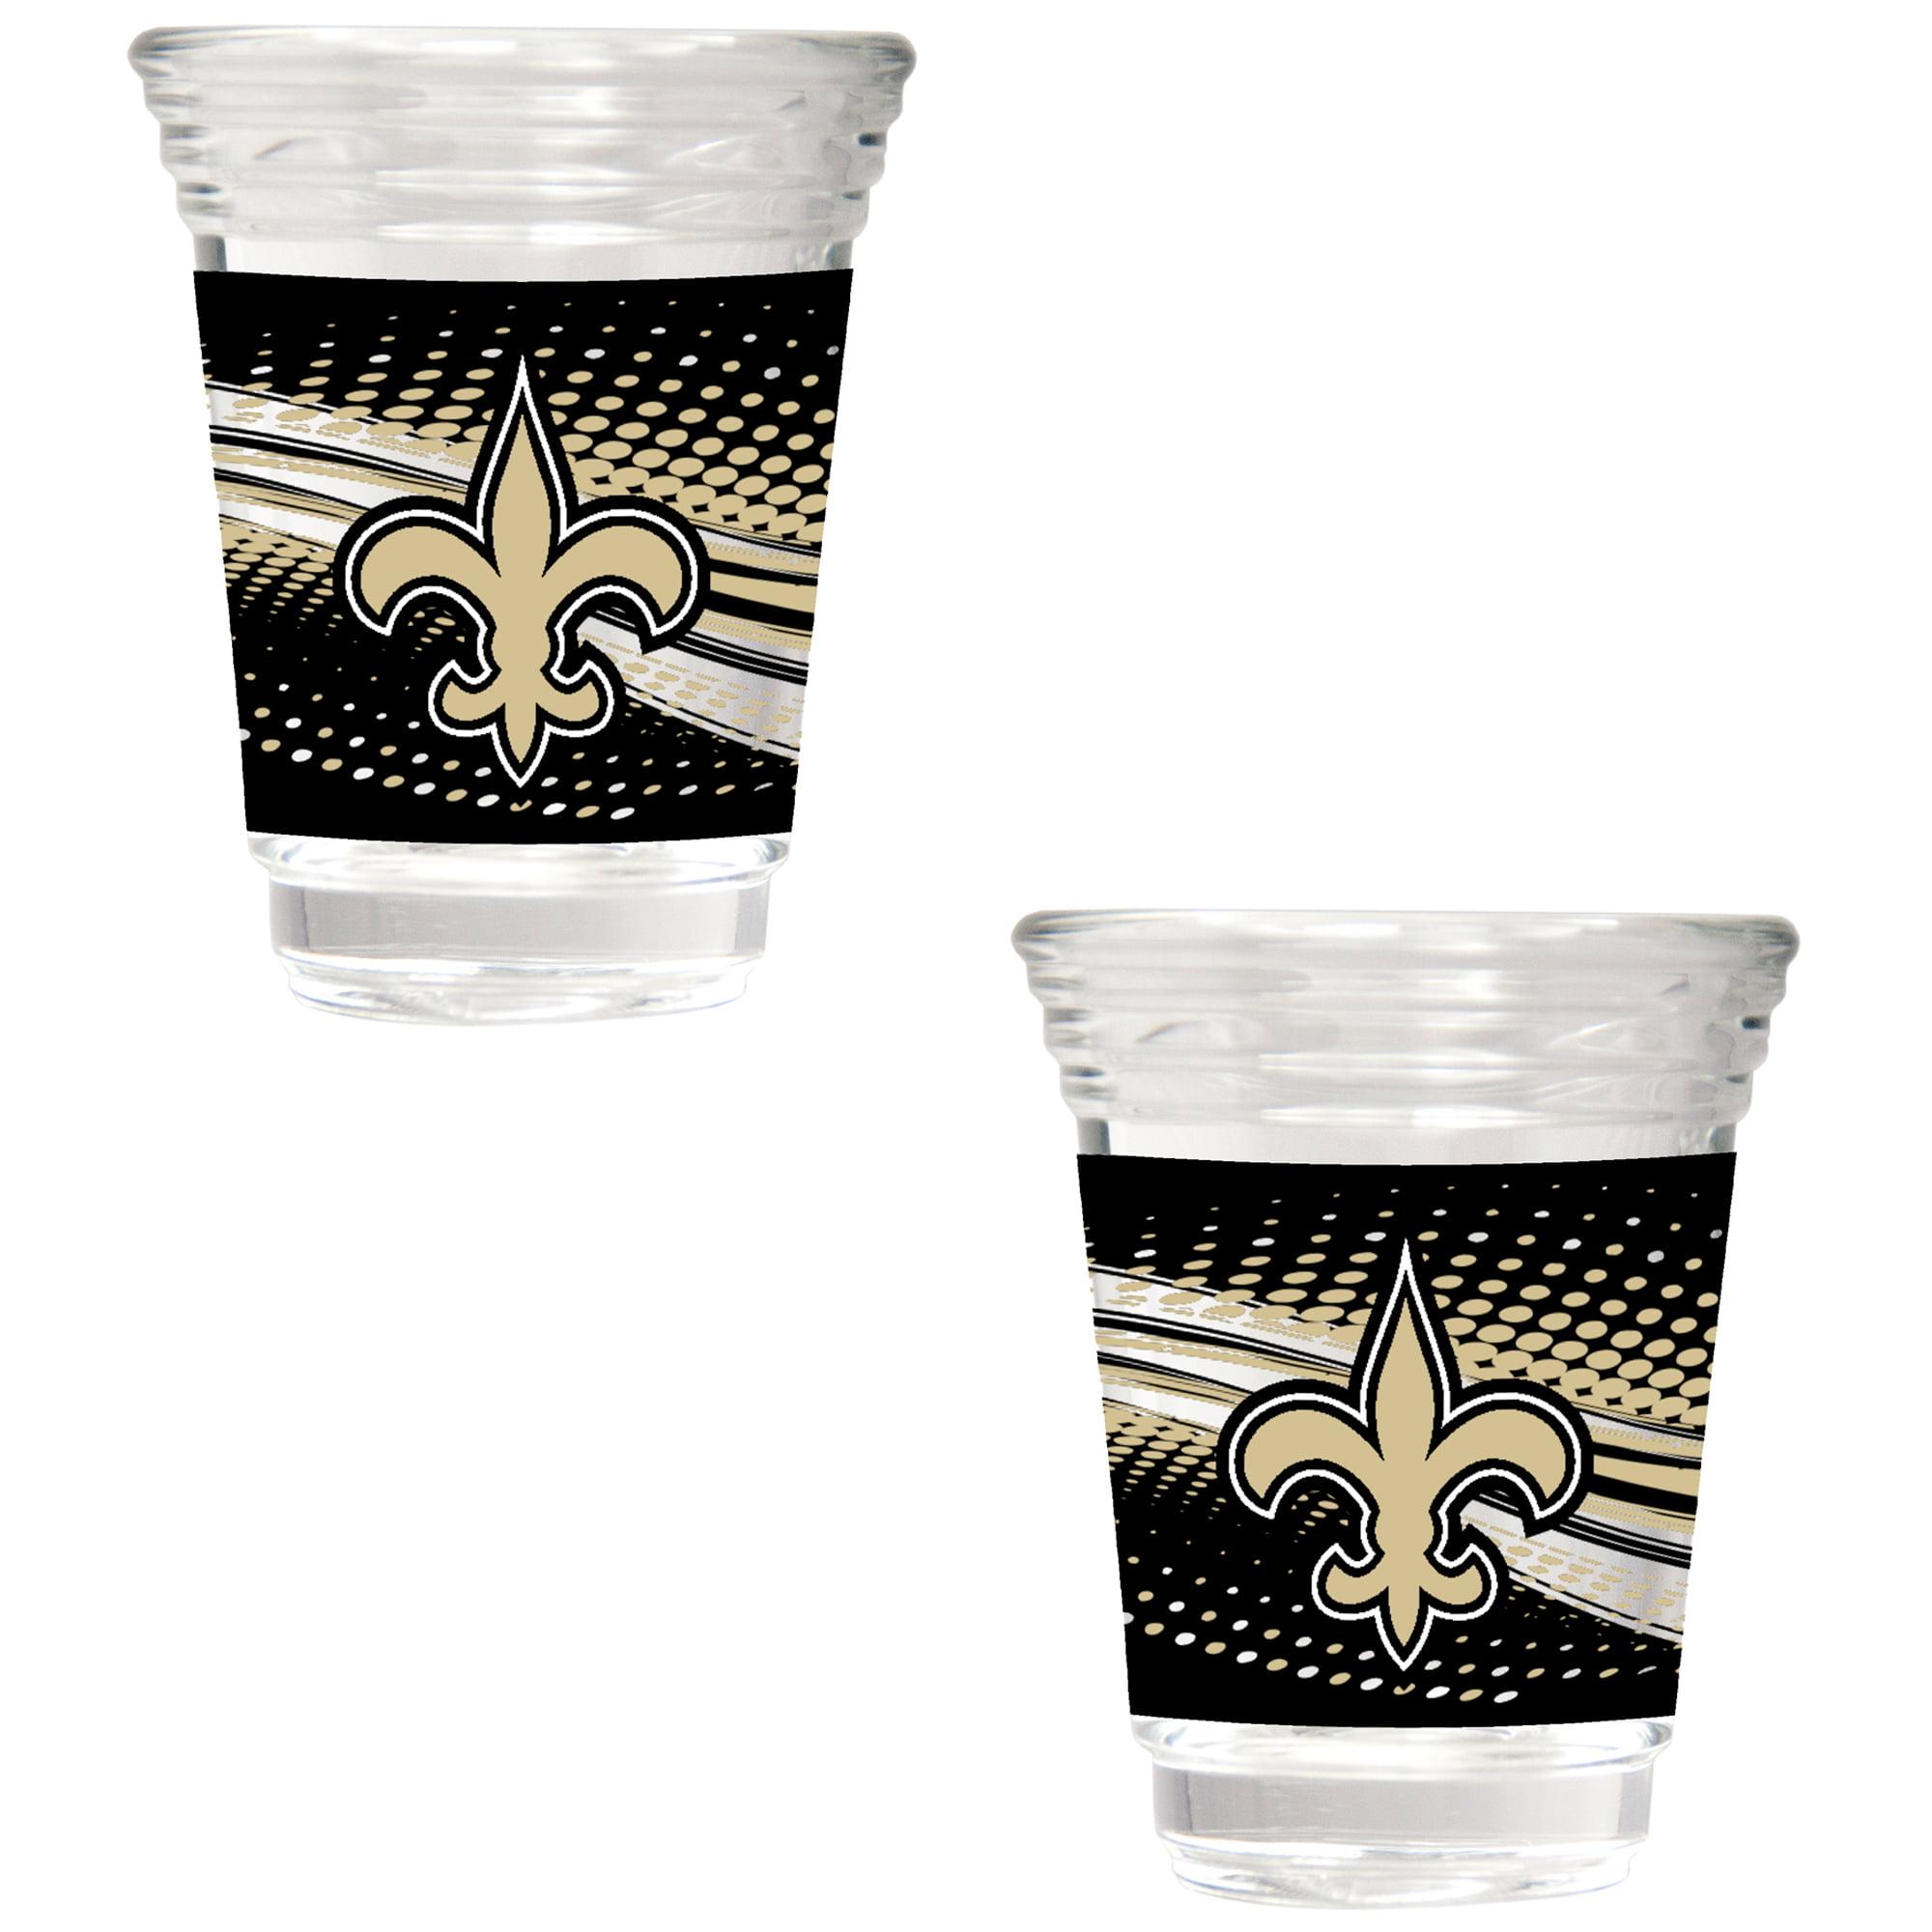 New Orleans Saints 2-Piece 2oz. Party Shot Glass Set - No Size